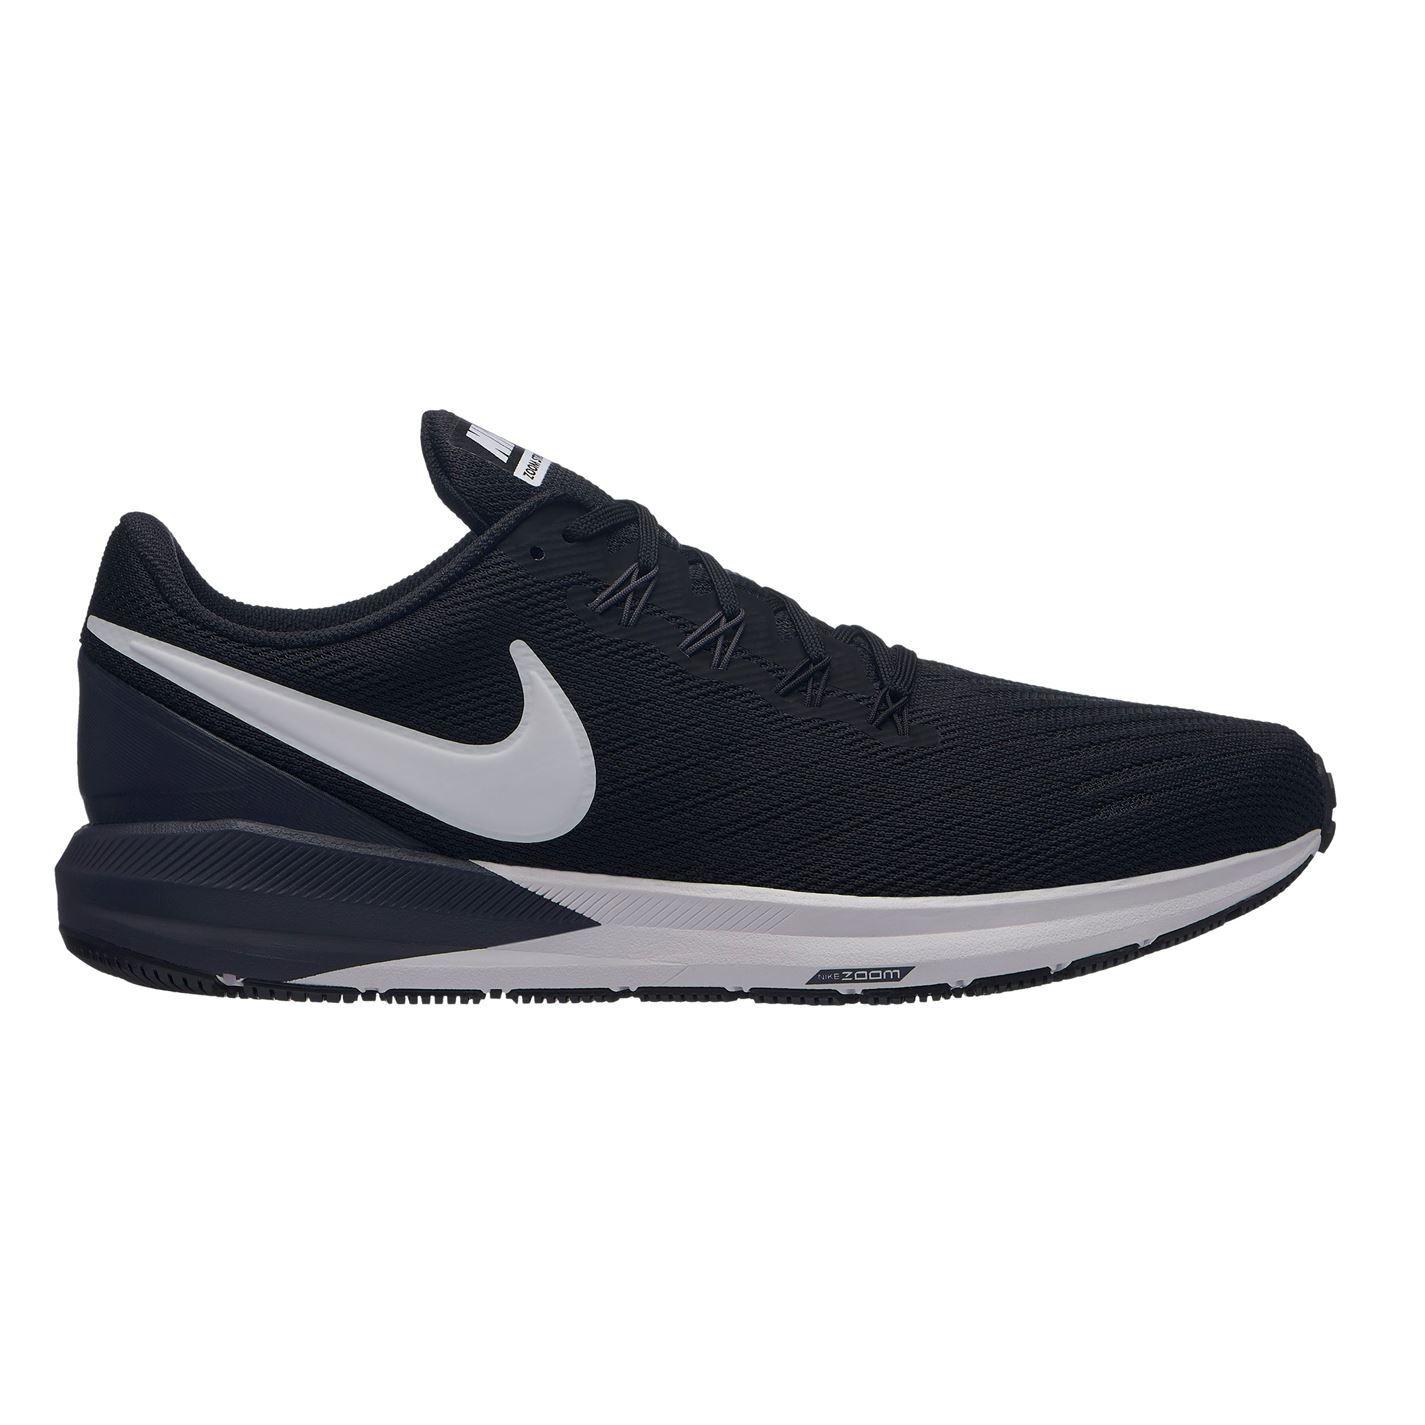 Dettagli su Nike Zoom Struttura 22 Scarpe da Corsa Uomo Fitness Jogging Sportive Ginnastica